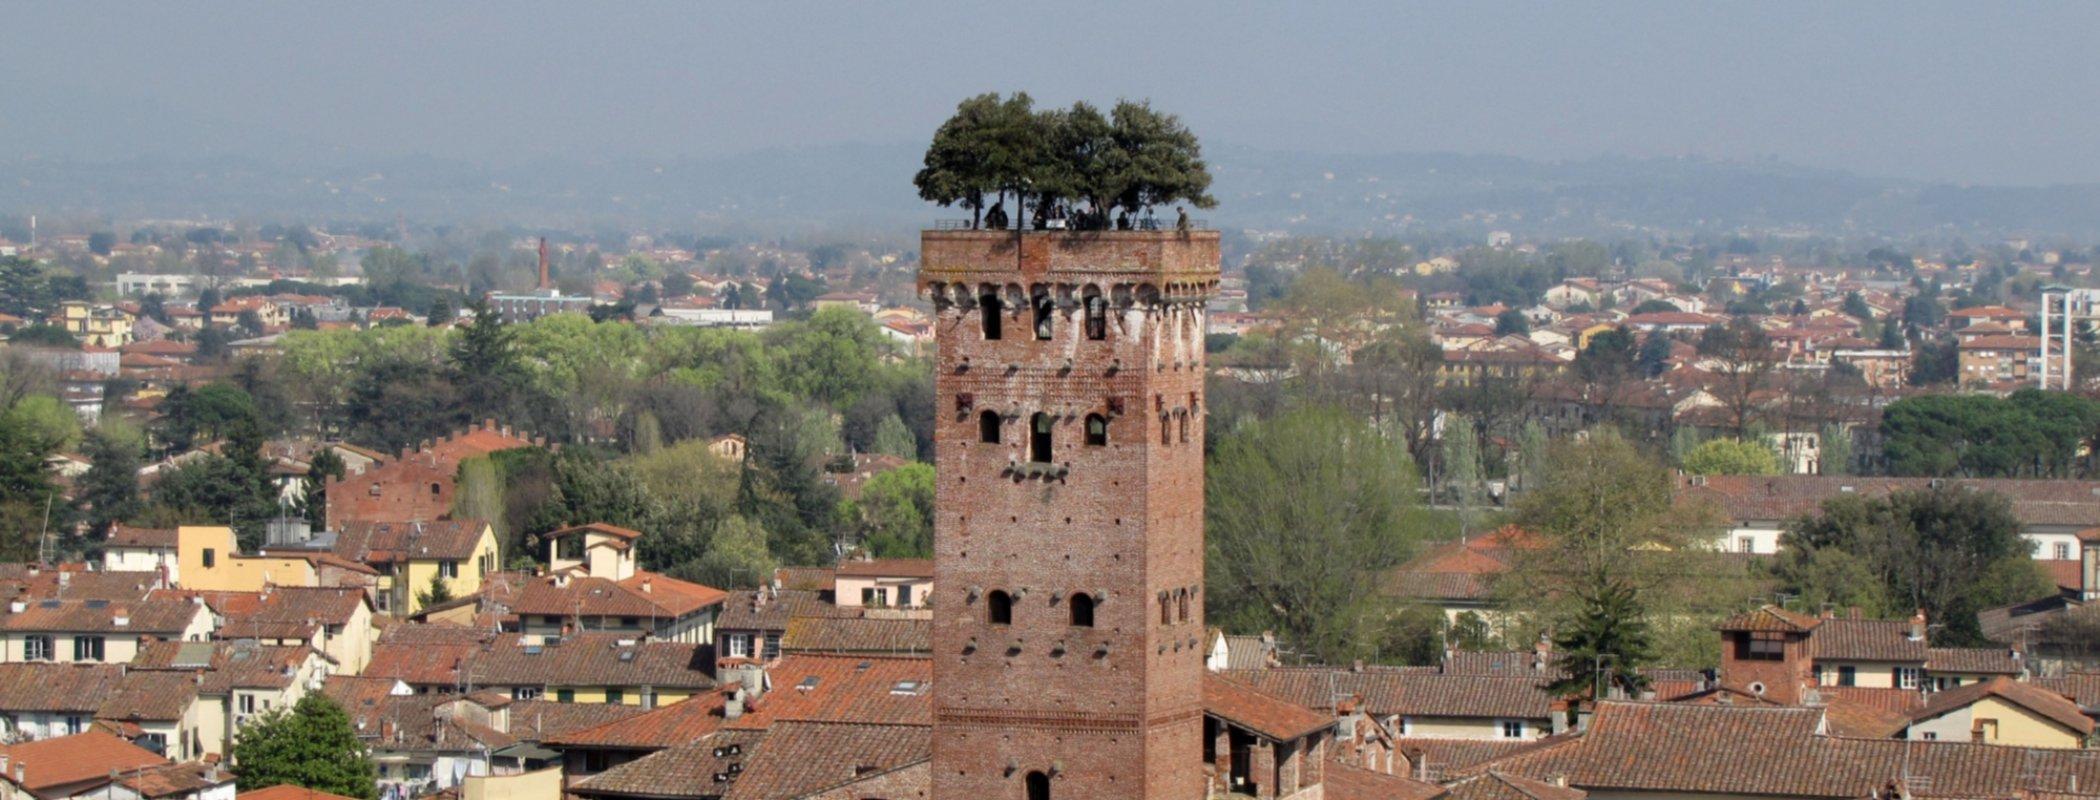 Resultado de imagen para Torre Guinigi